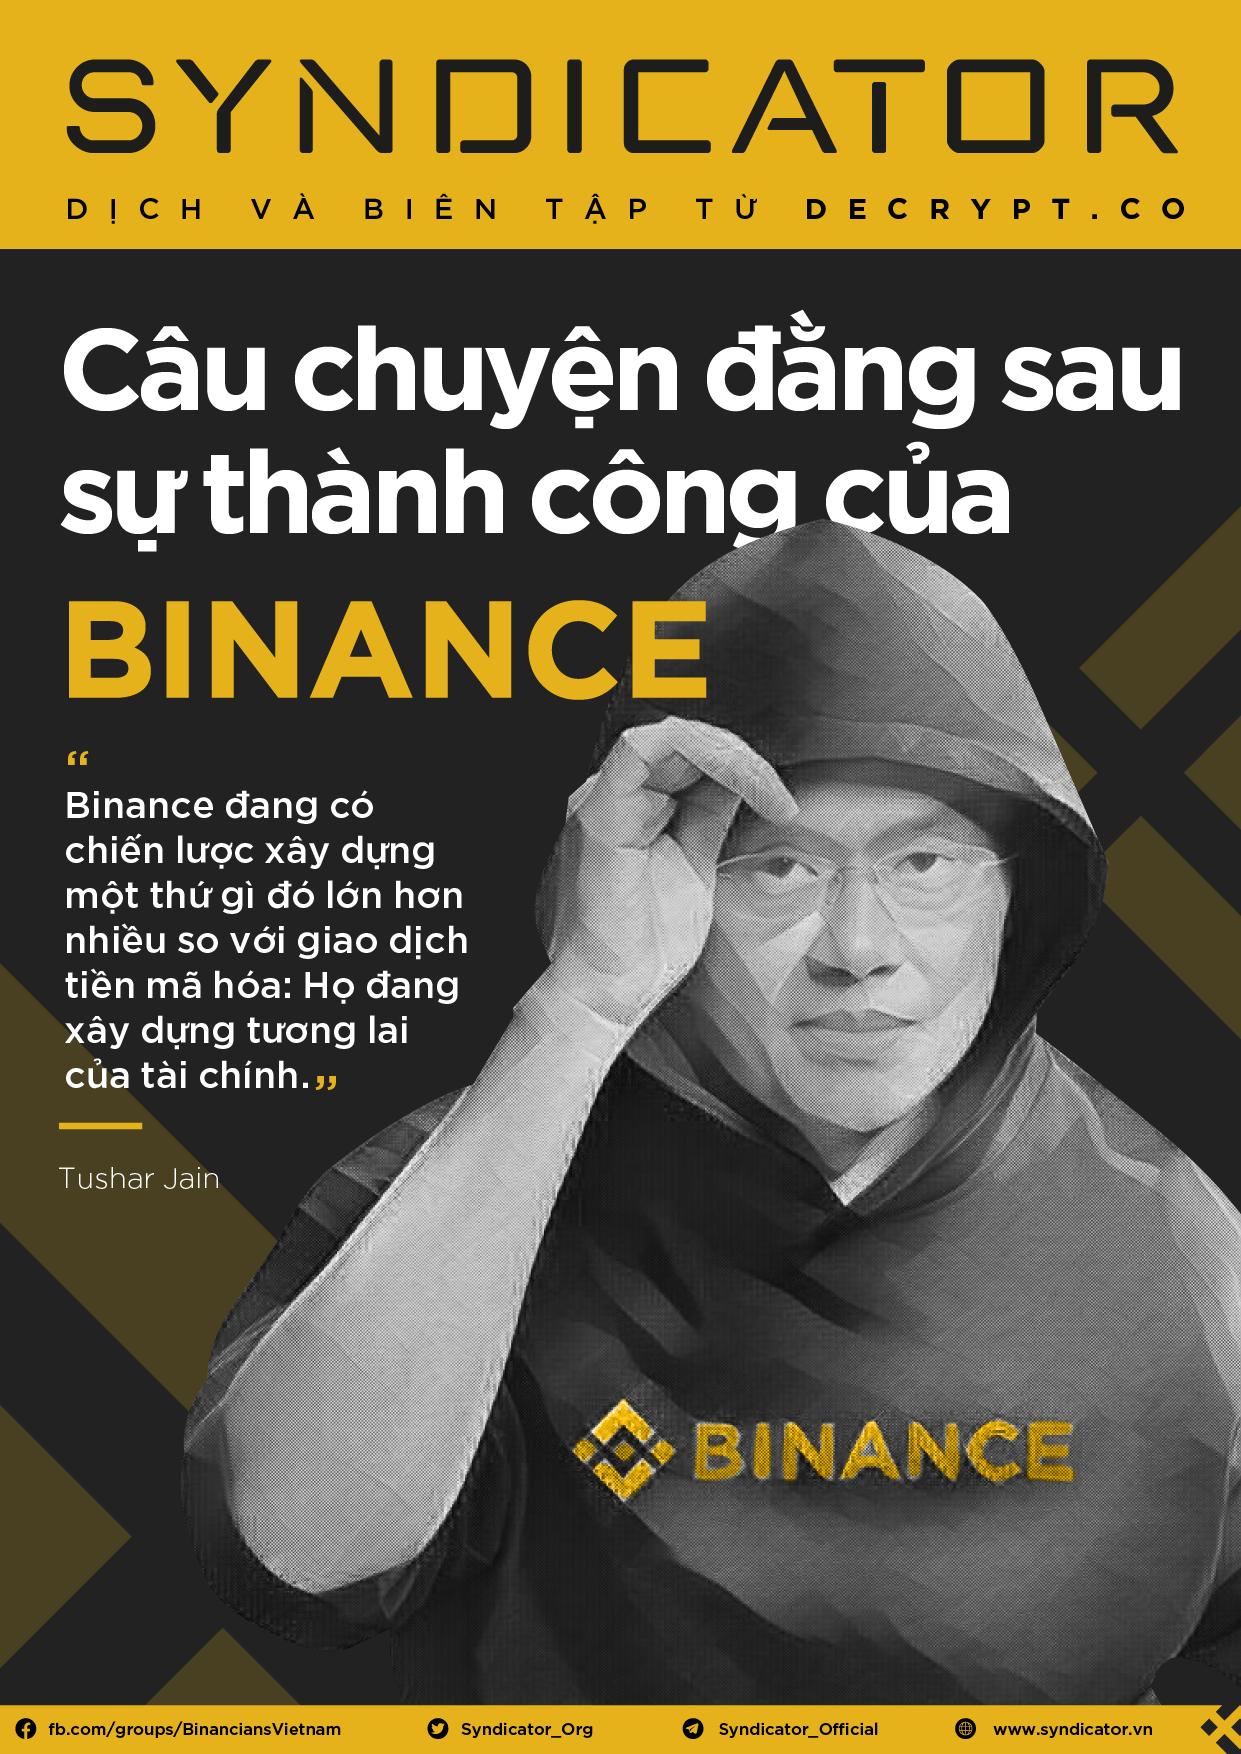 Câu chuyện đằng sau sự thành công của Binance